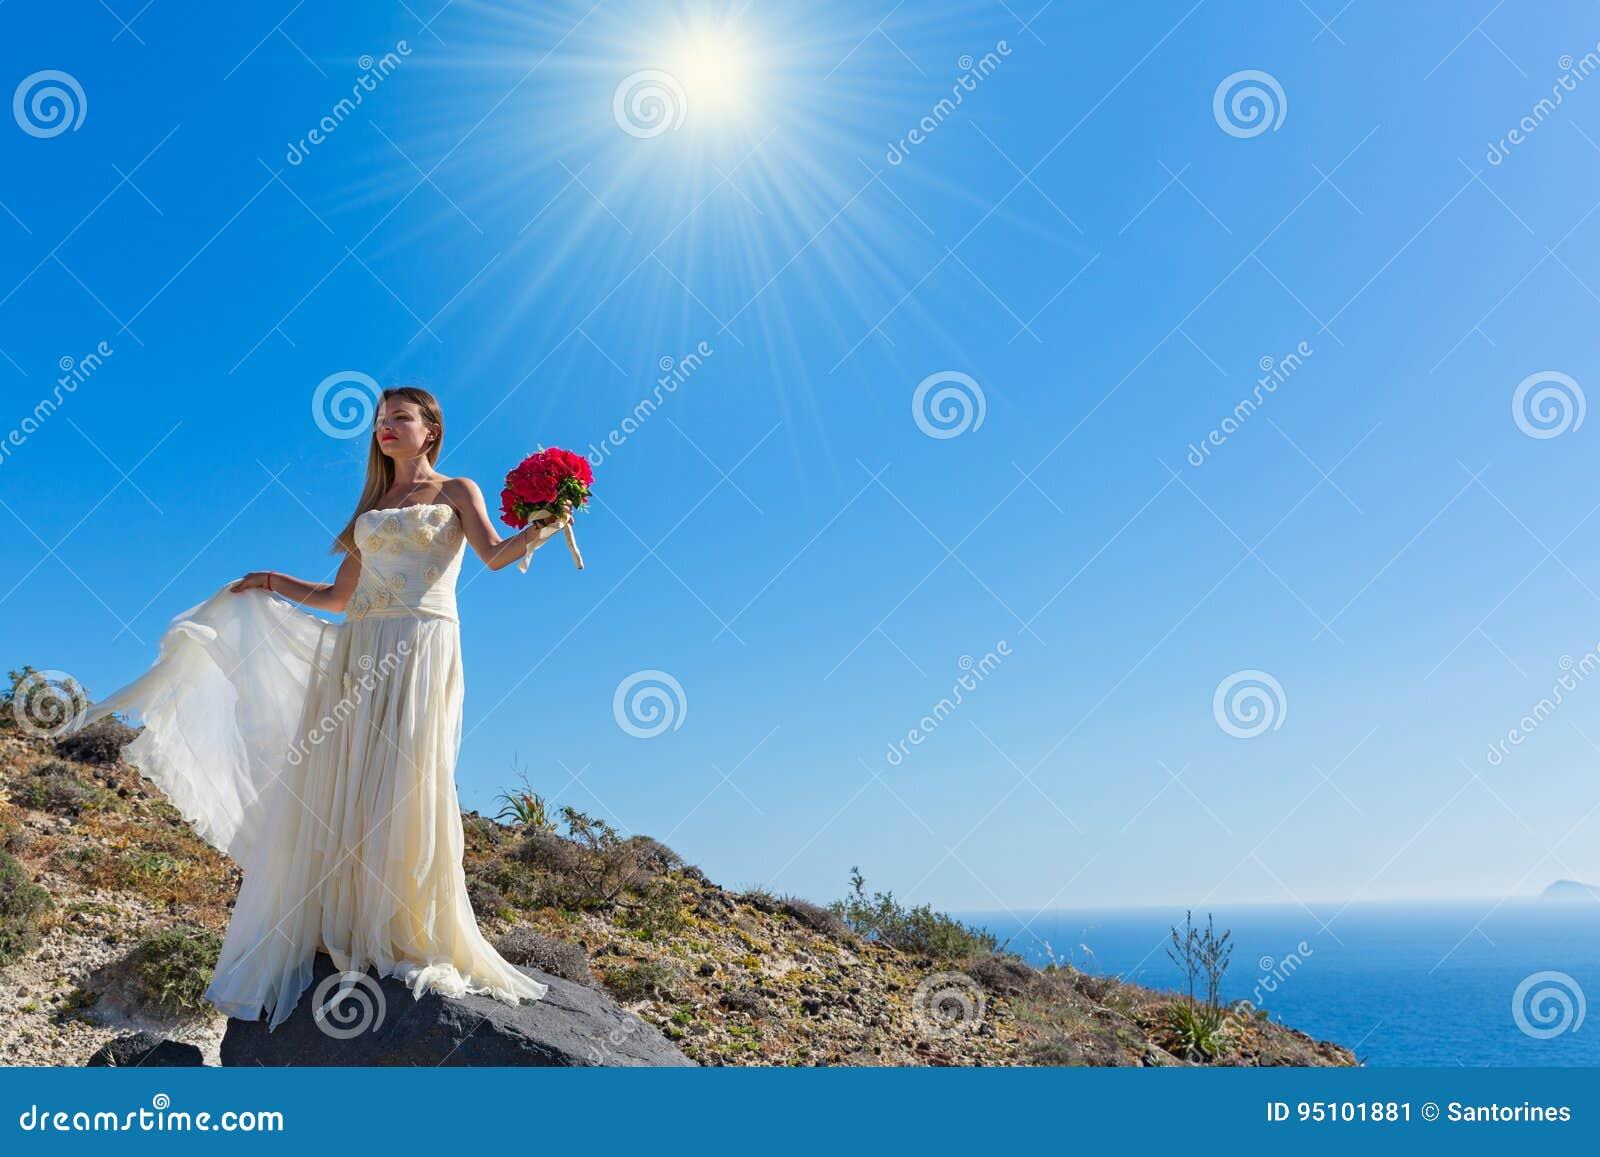 La belle femme se tient sur une haute pierre